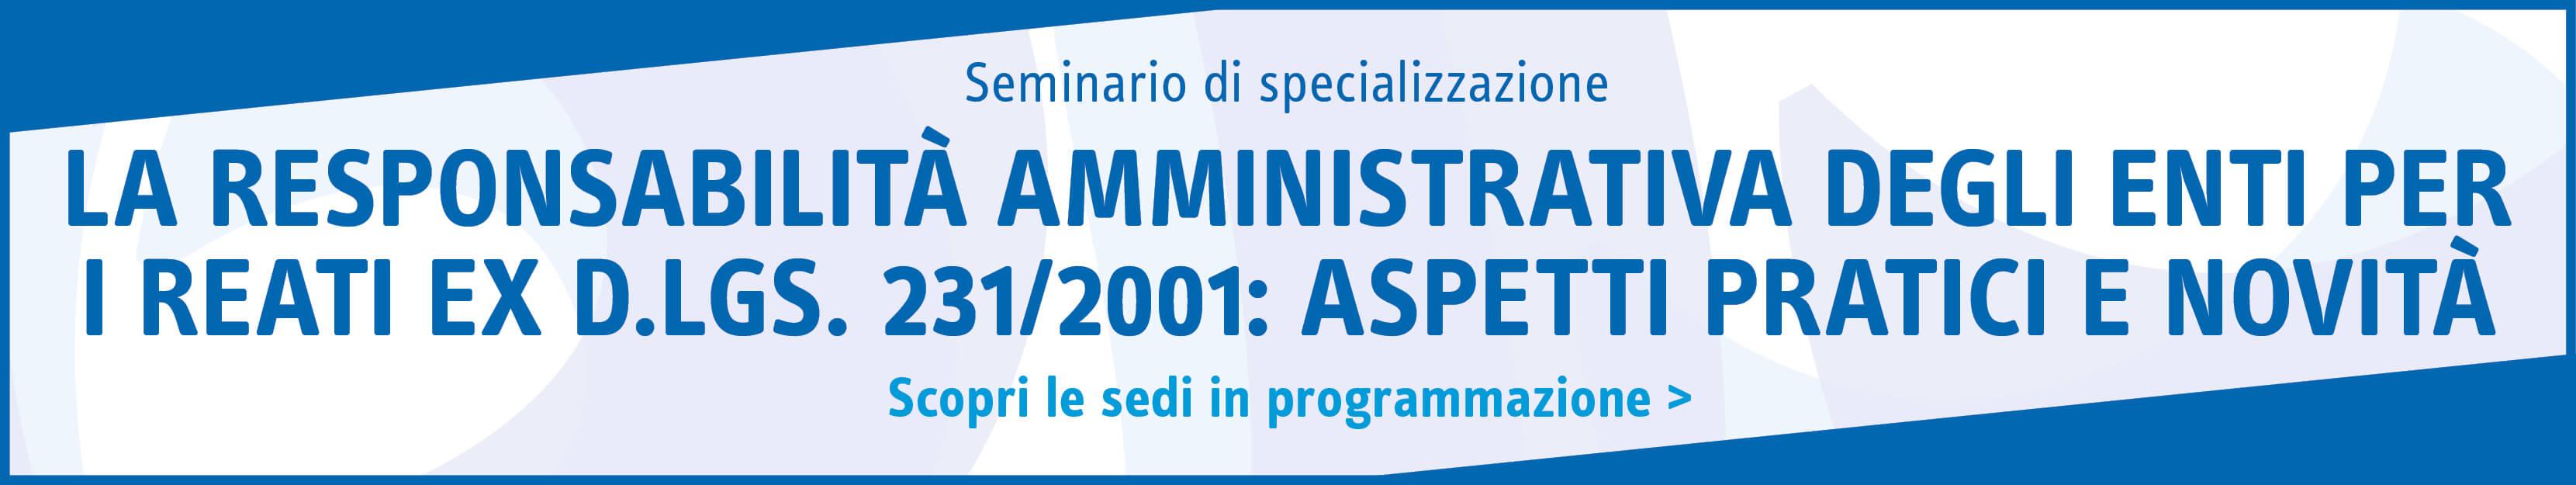 La responsabilità amministrativa degli enti per i reati ex D.Lgs. 231/2001: aspetti pratici e novità normative